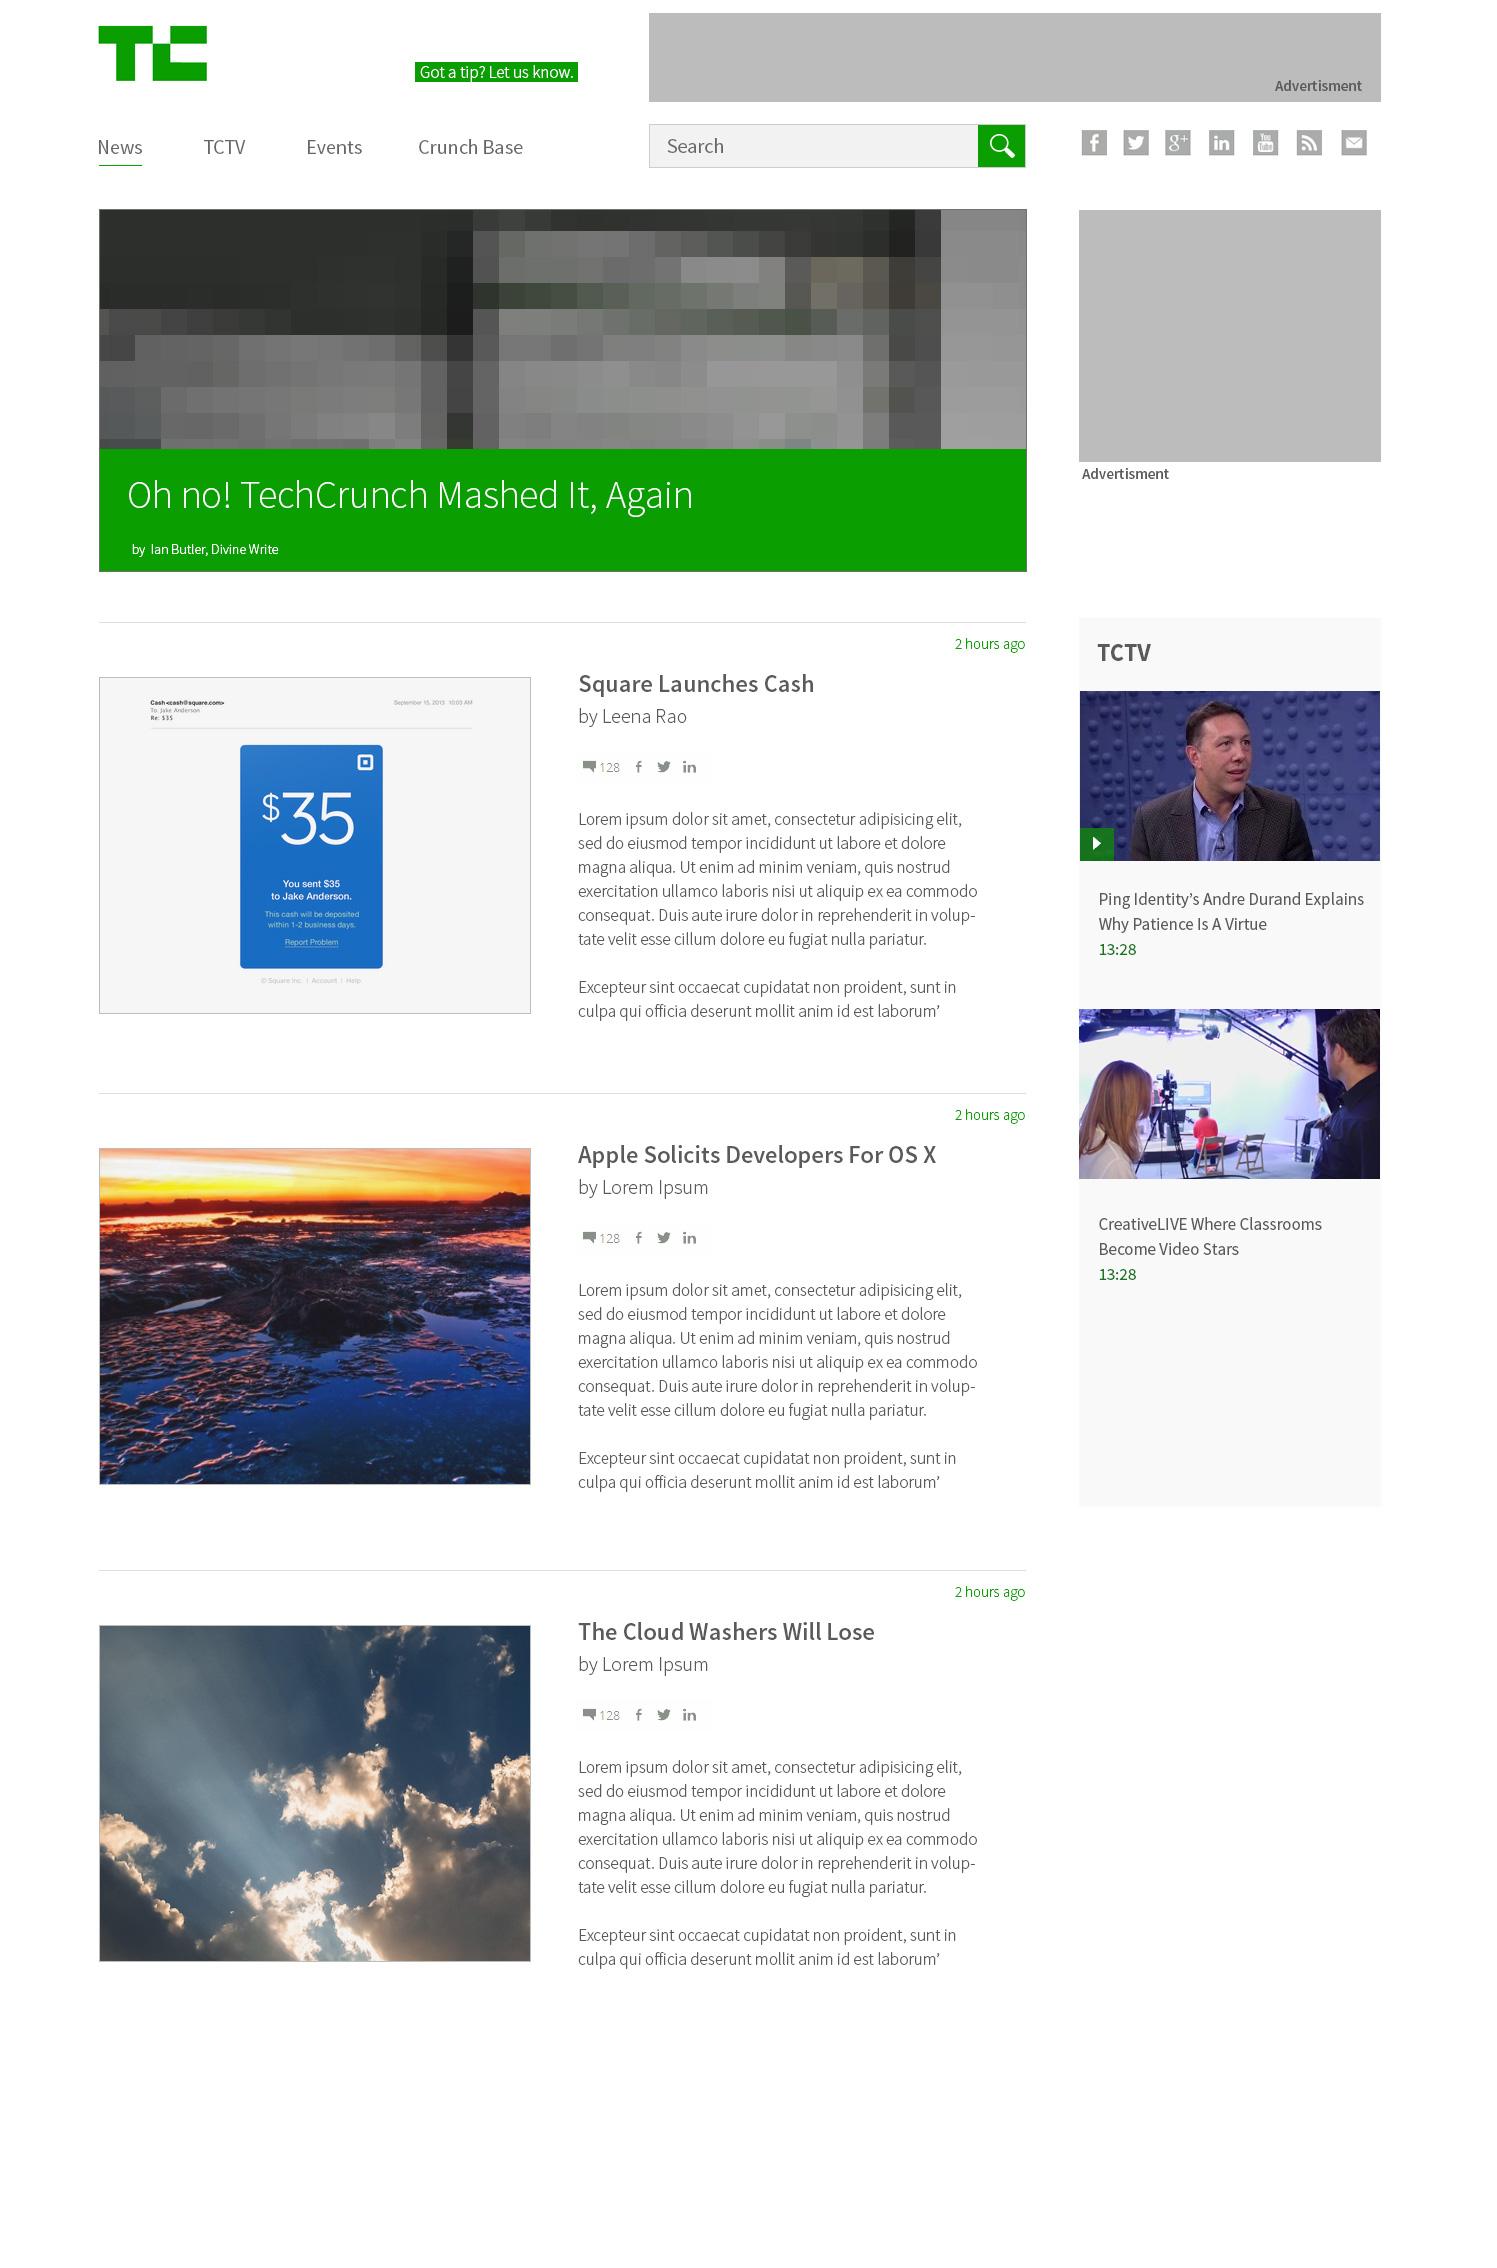 TechCrunch website re-designed in 55 minutes